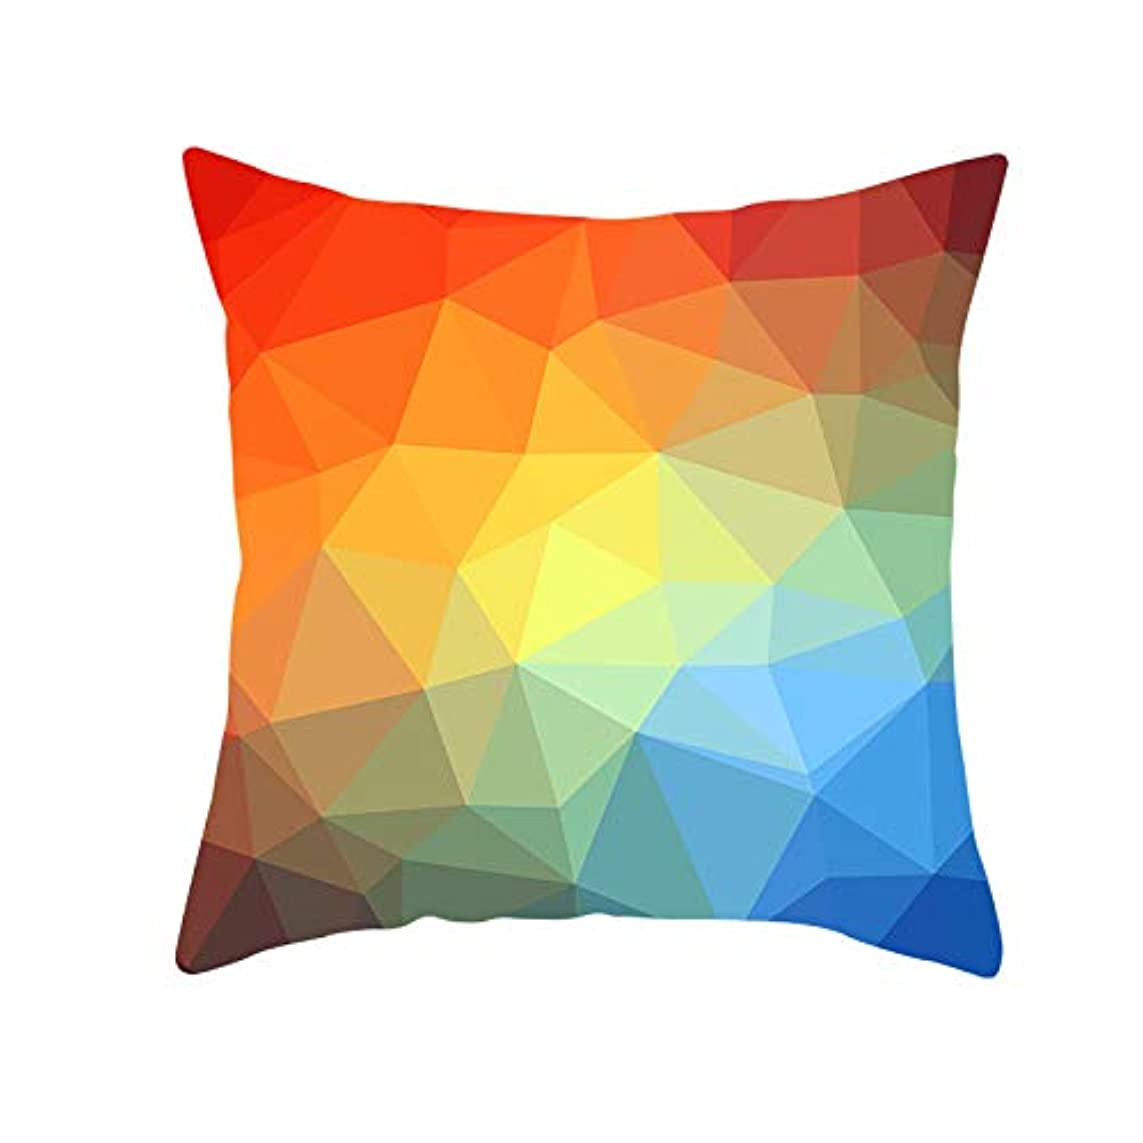 男やもめ労働者線形LIFE 装飾クッションソファ 幾何学プリントポリエステル正方形の枕ソファスロークッション家の装飾 coussin デ長椅子 クッション 椅子